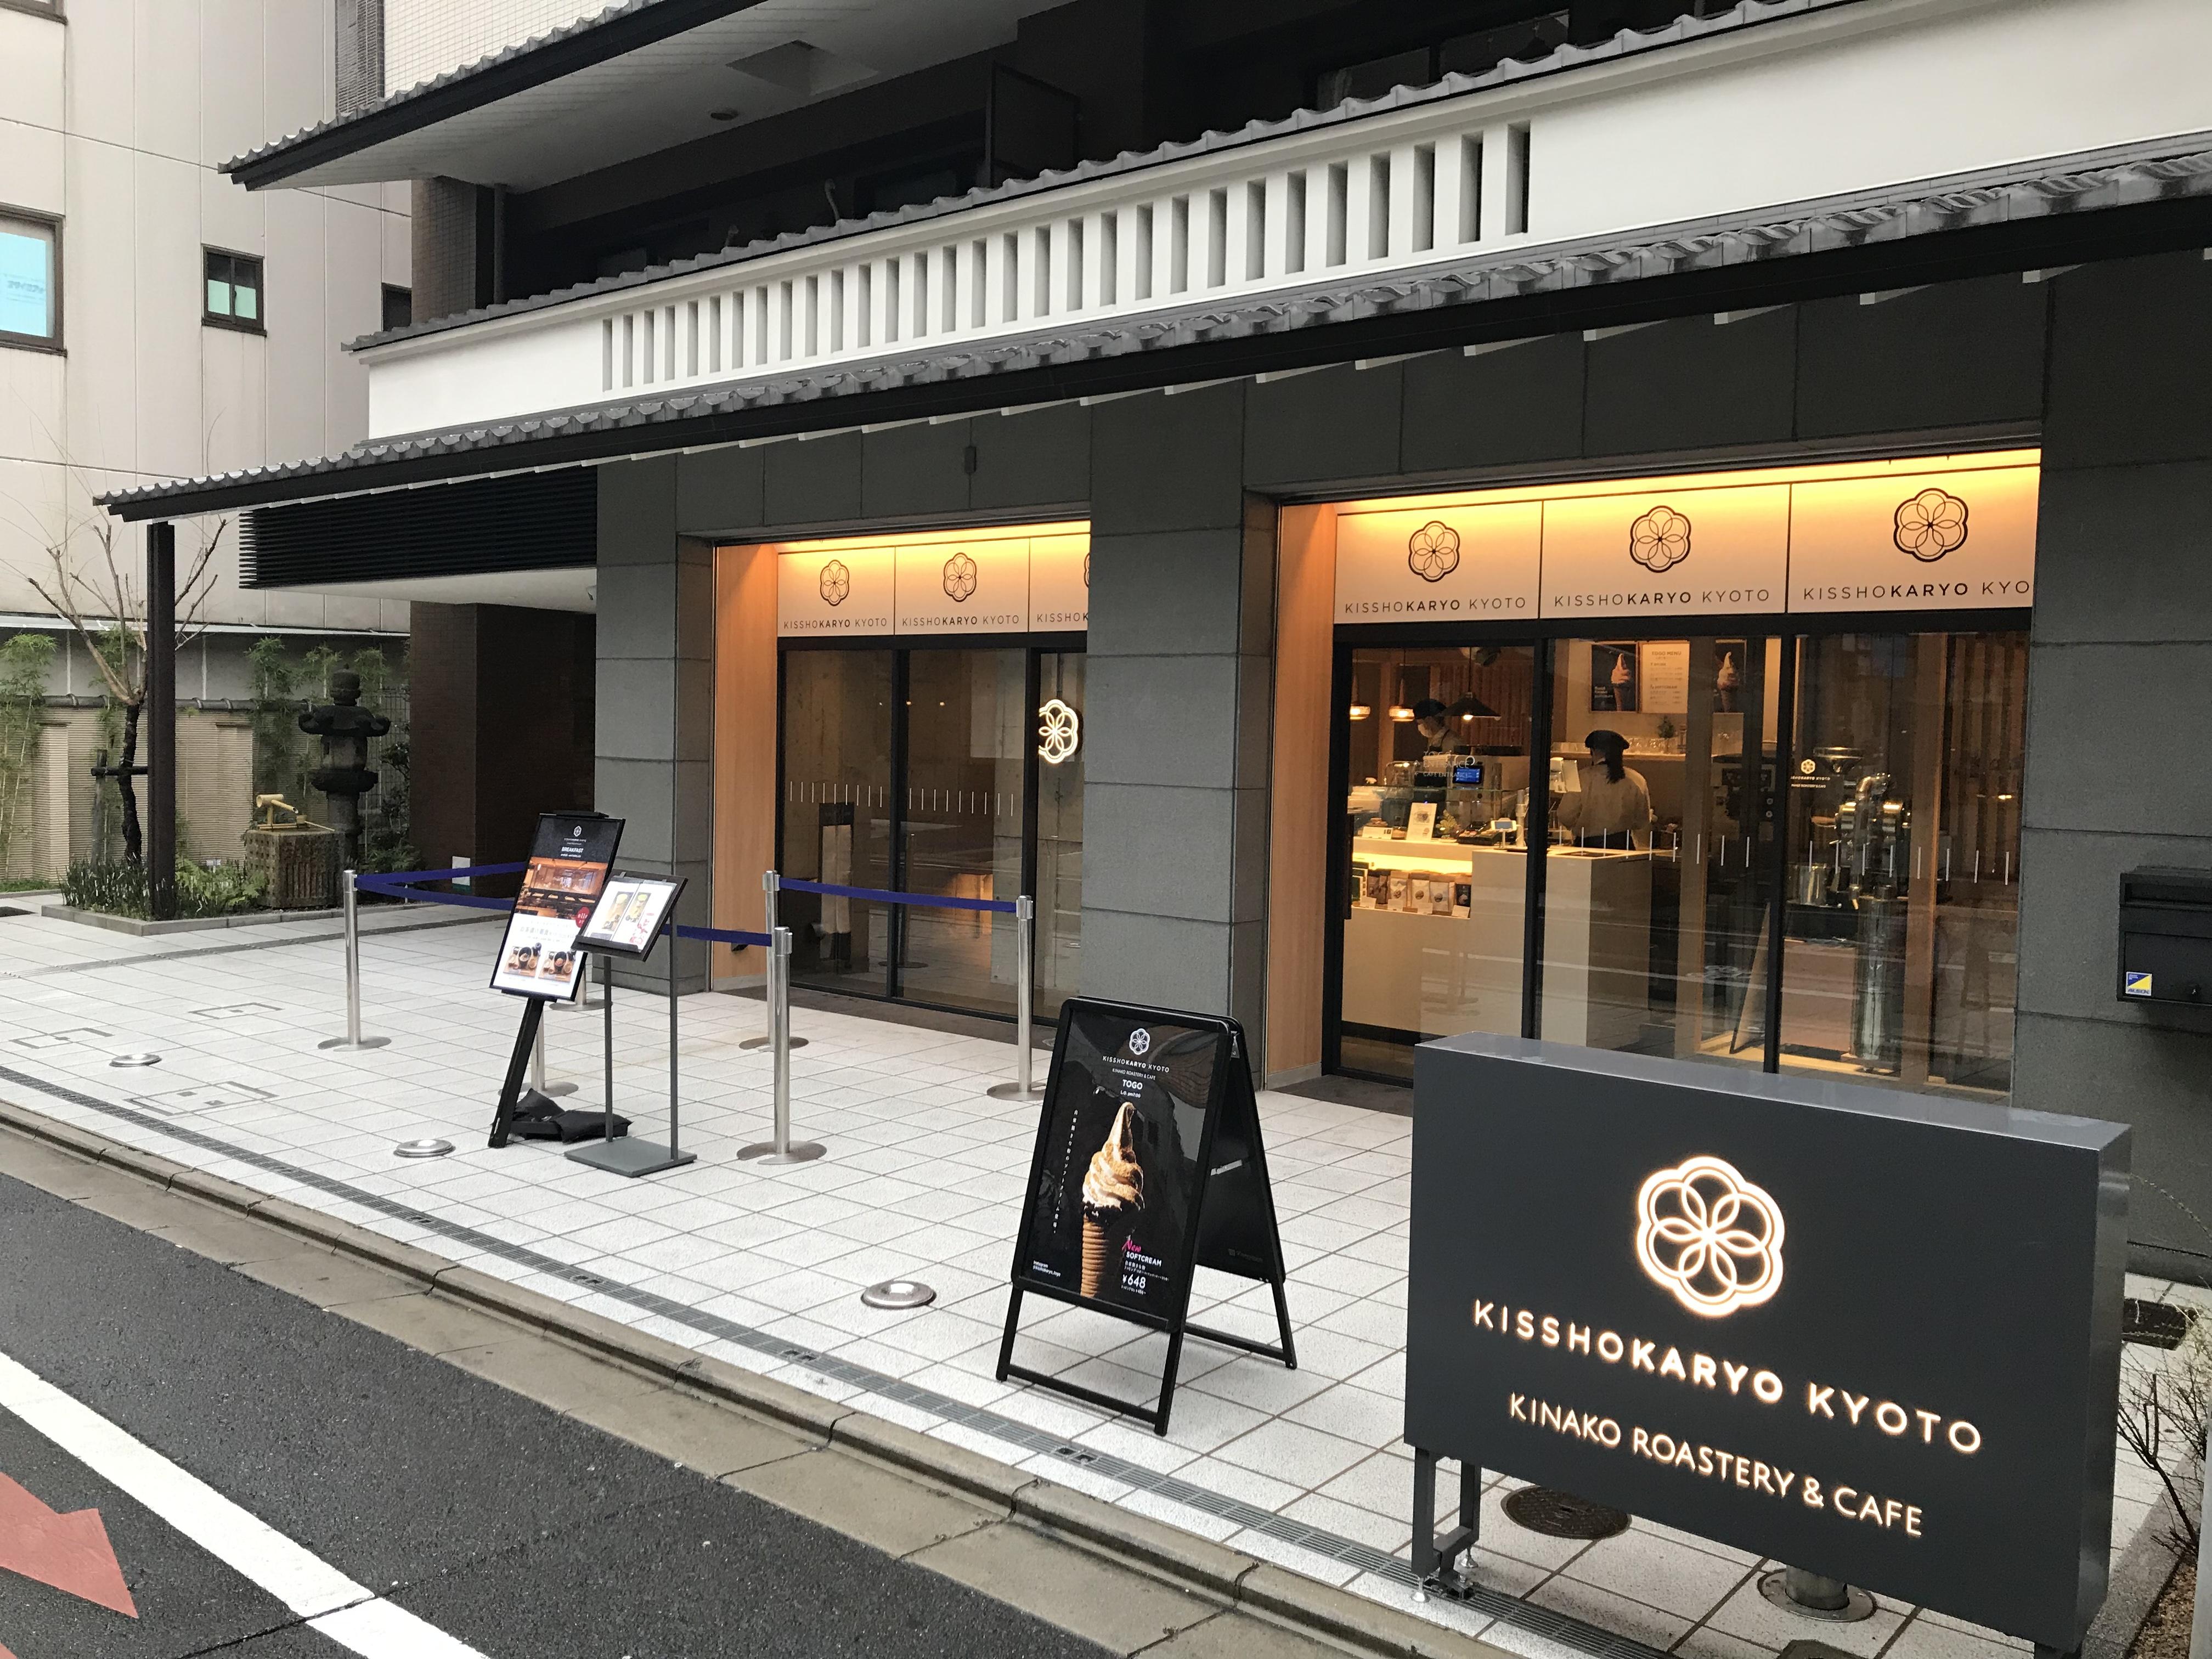 吉祥菓寮 京都四条店「春摘み苺パフェ」1